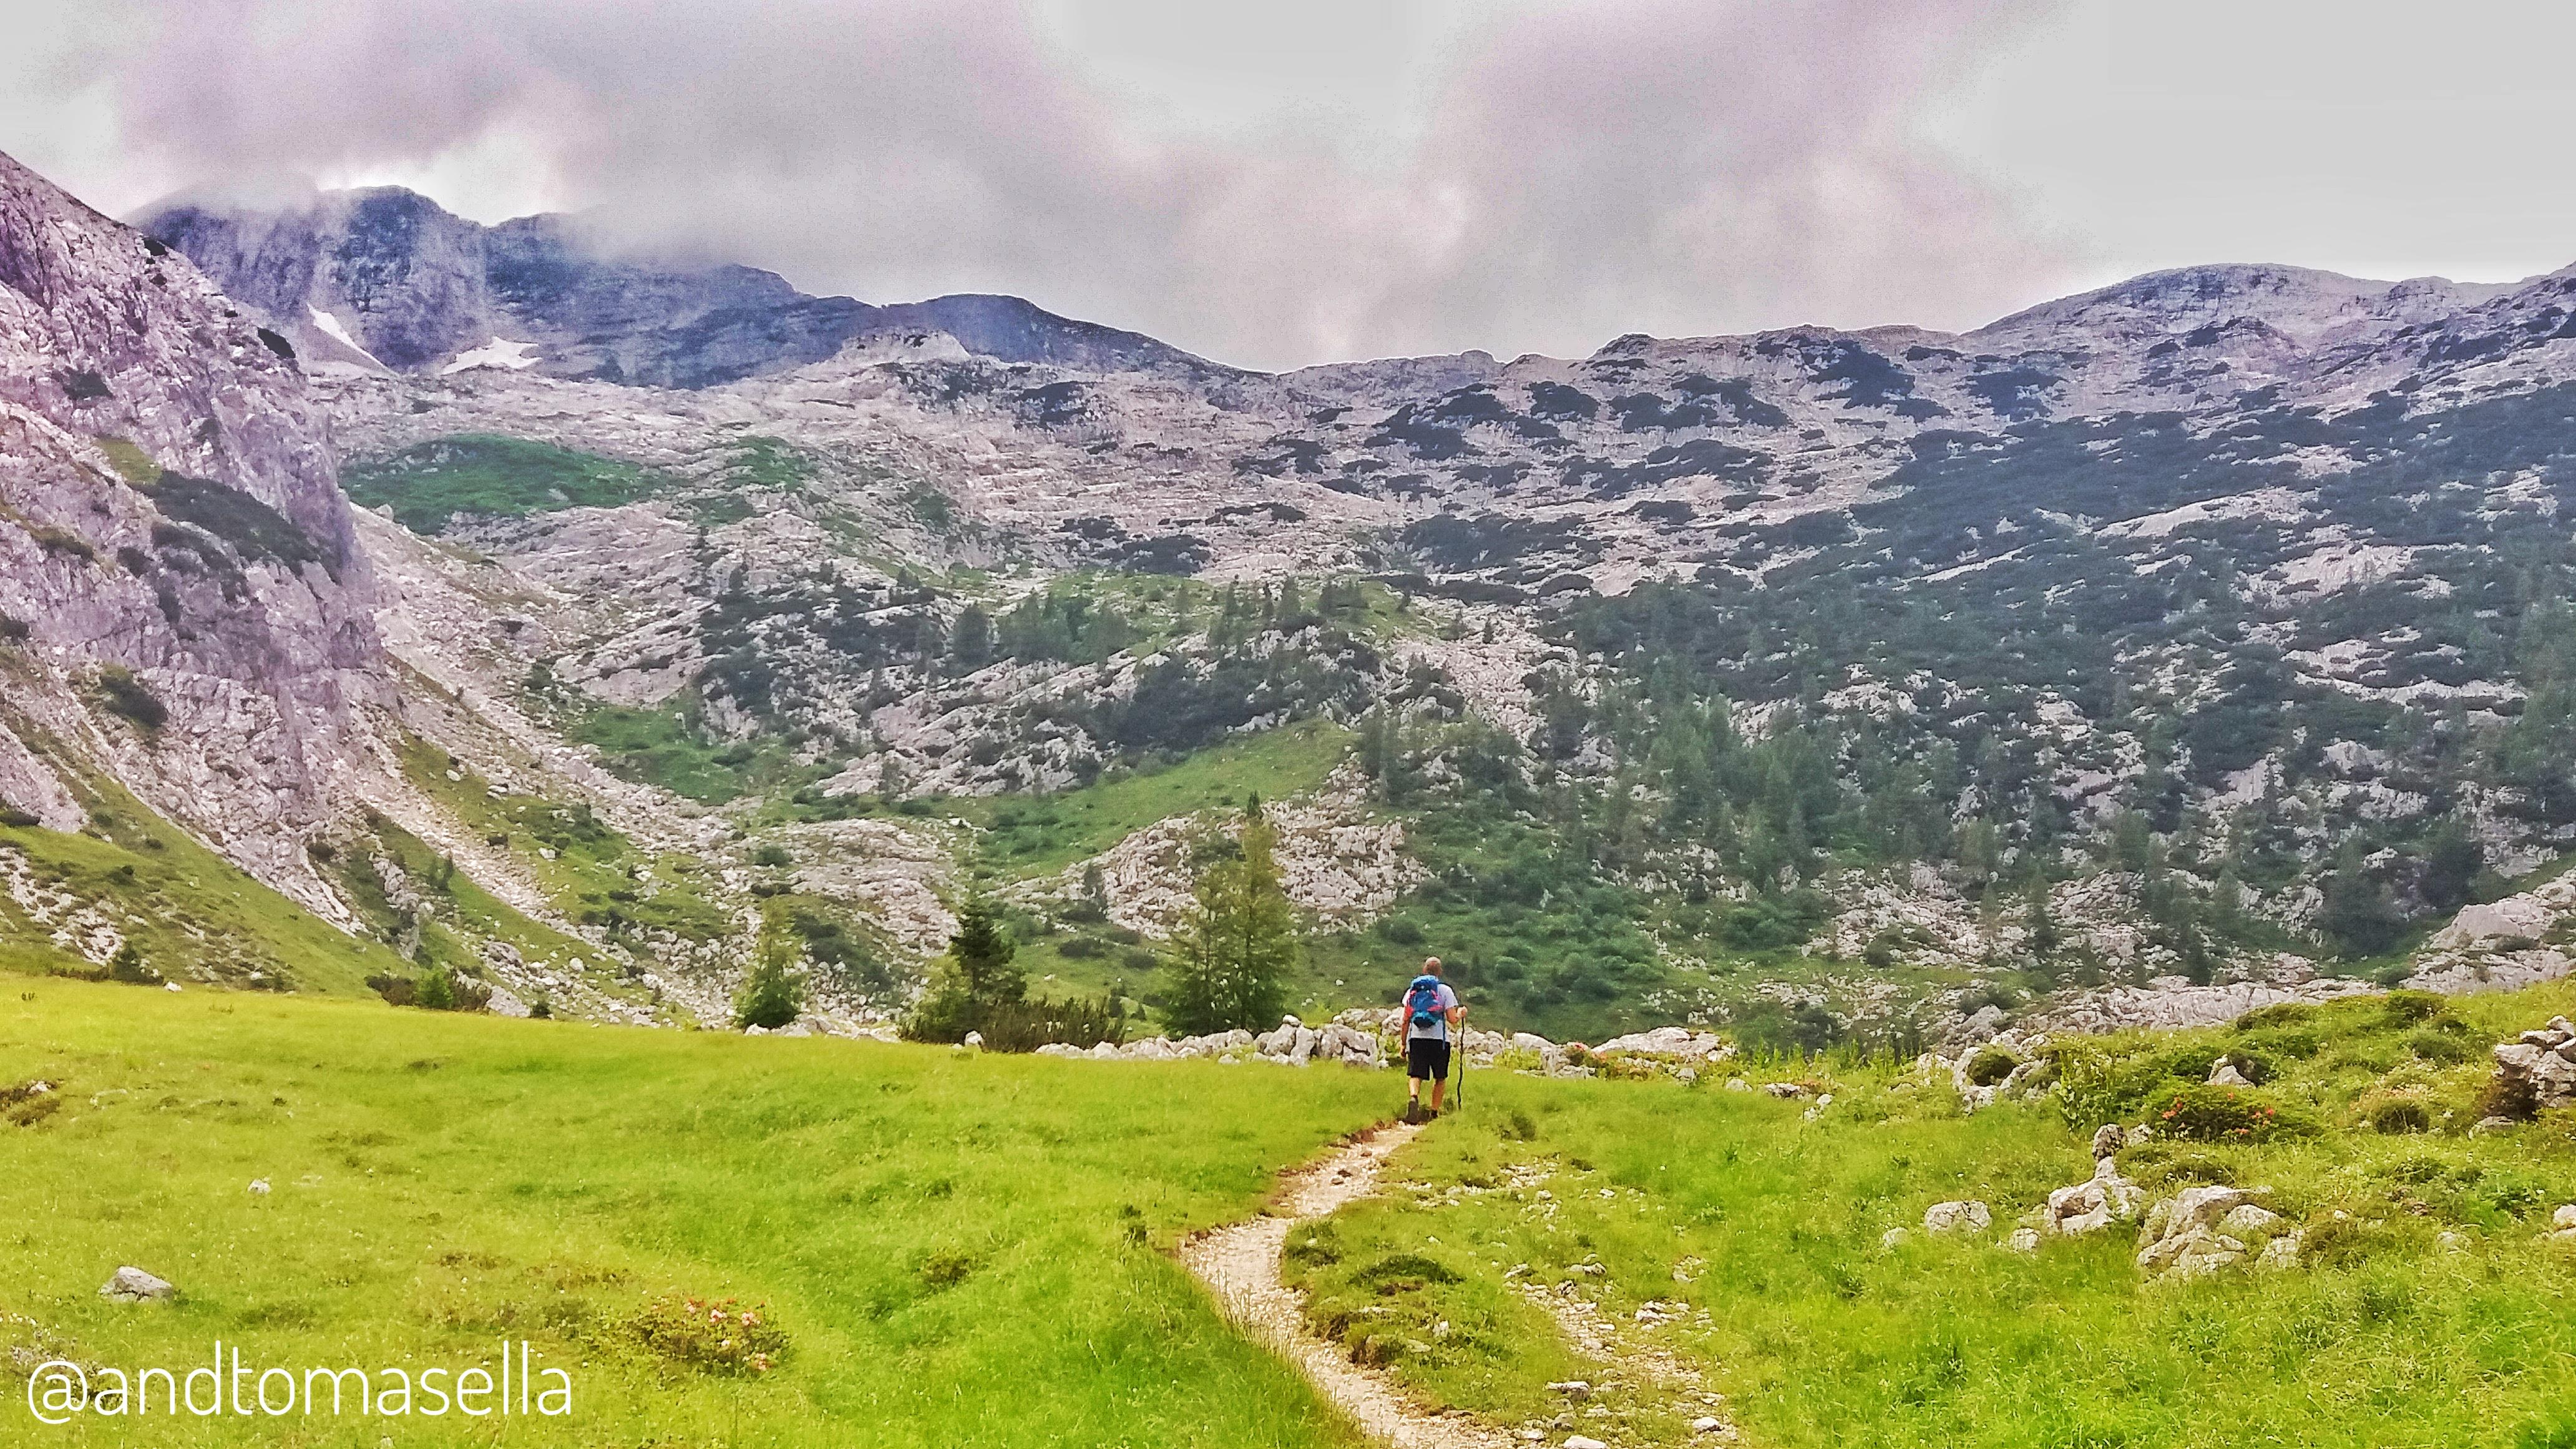 escursione sul Monte Nero (Krn)